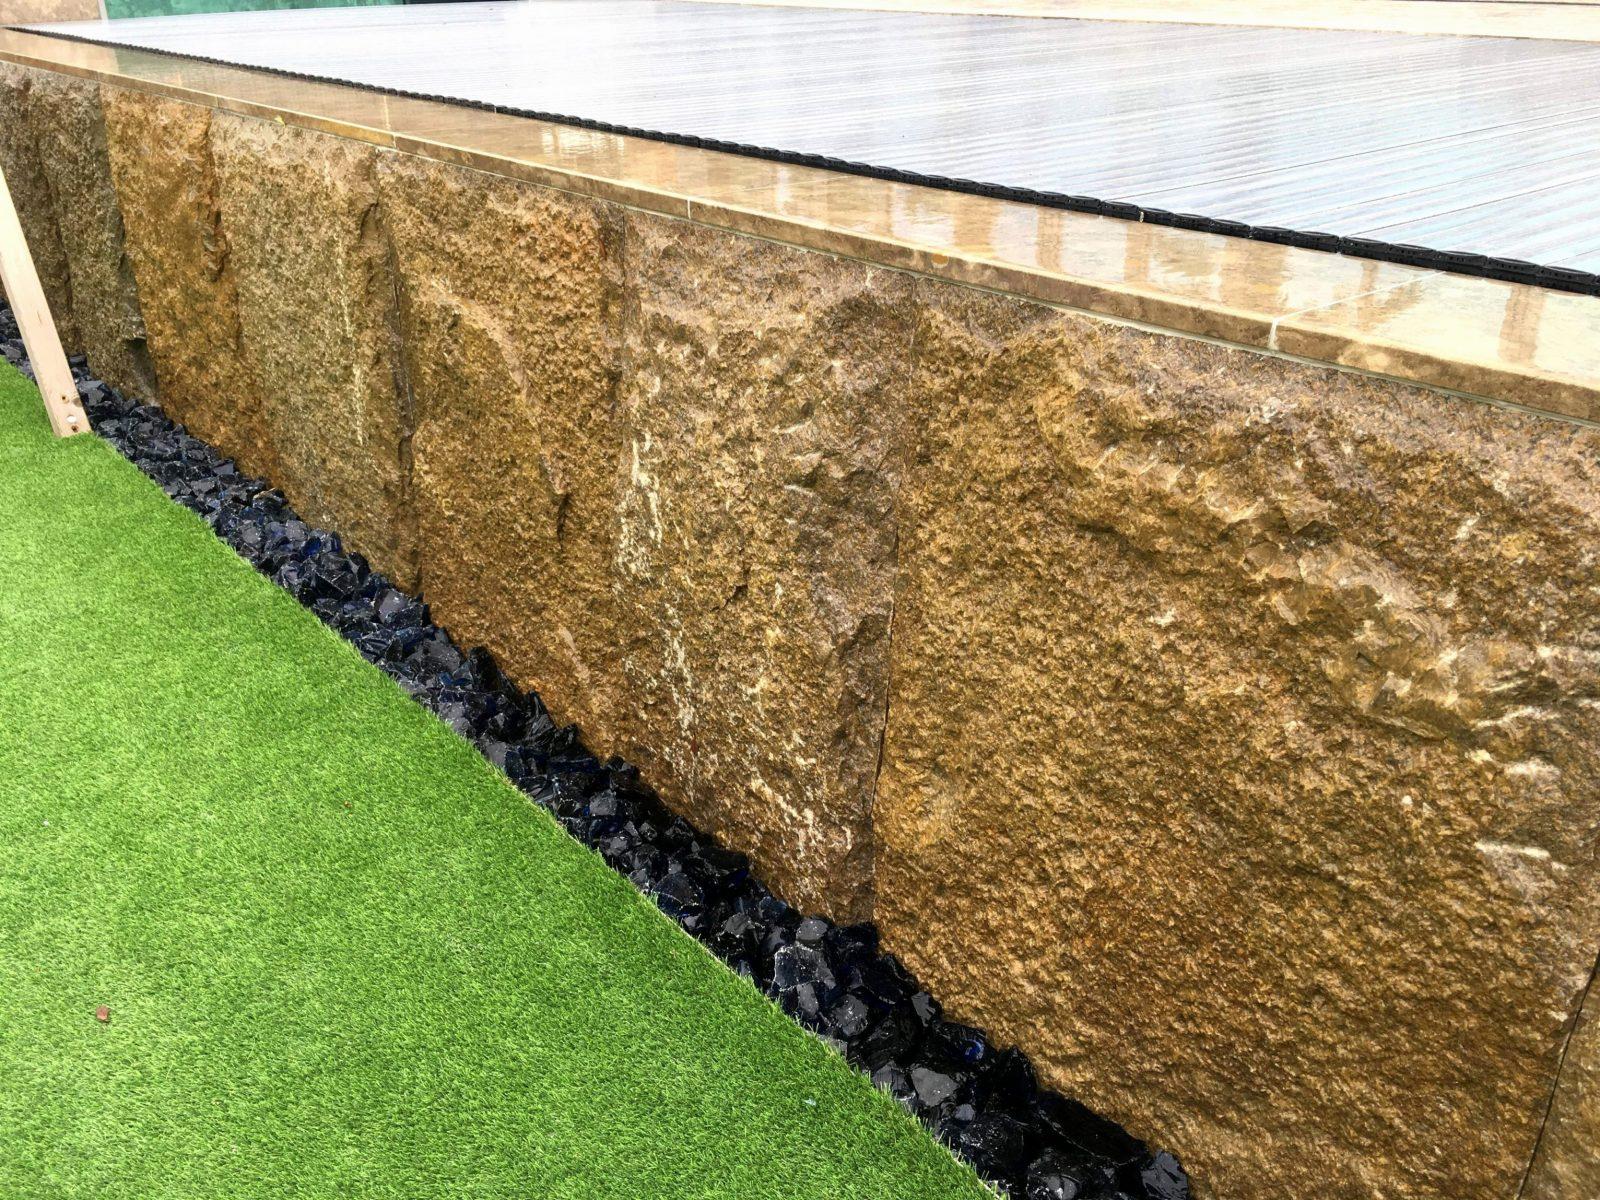 Pvc Bodenbelag Für Terrasse Für Design Belag Für Balkon – Ideen Für von Pvc Boden Für Balkon Bild